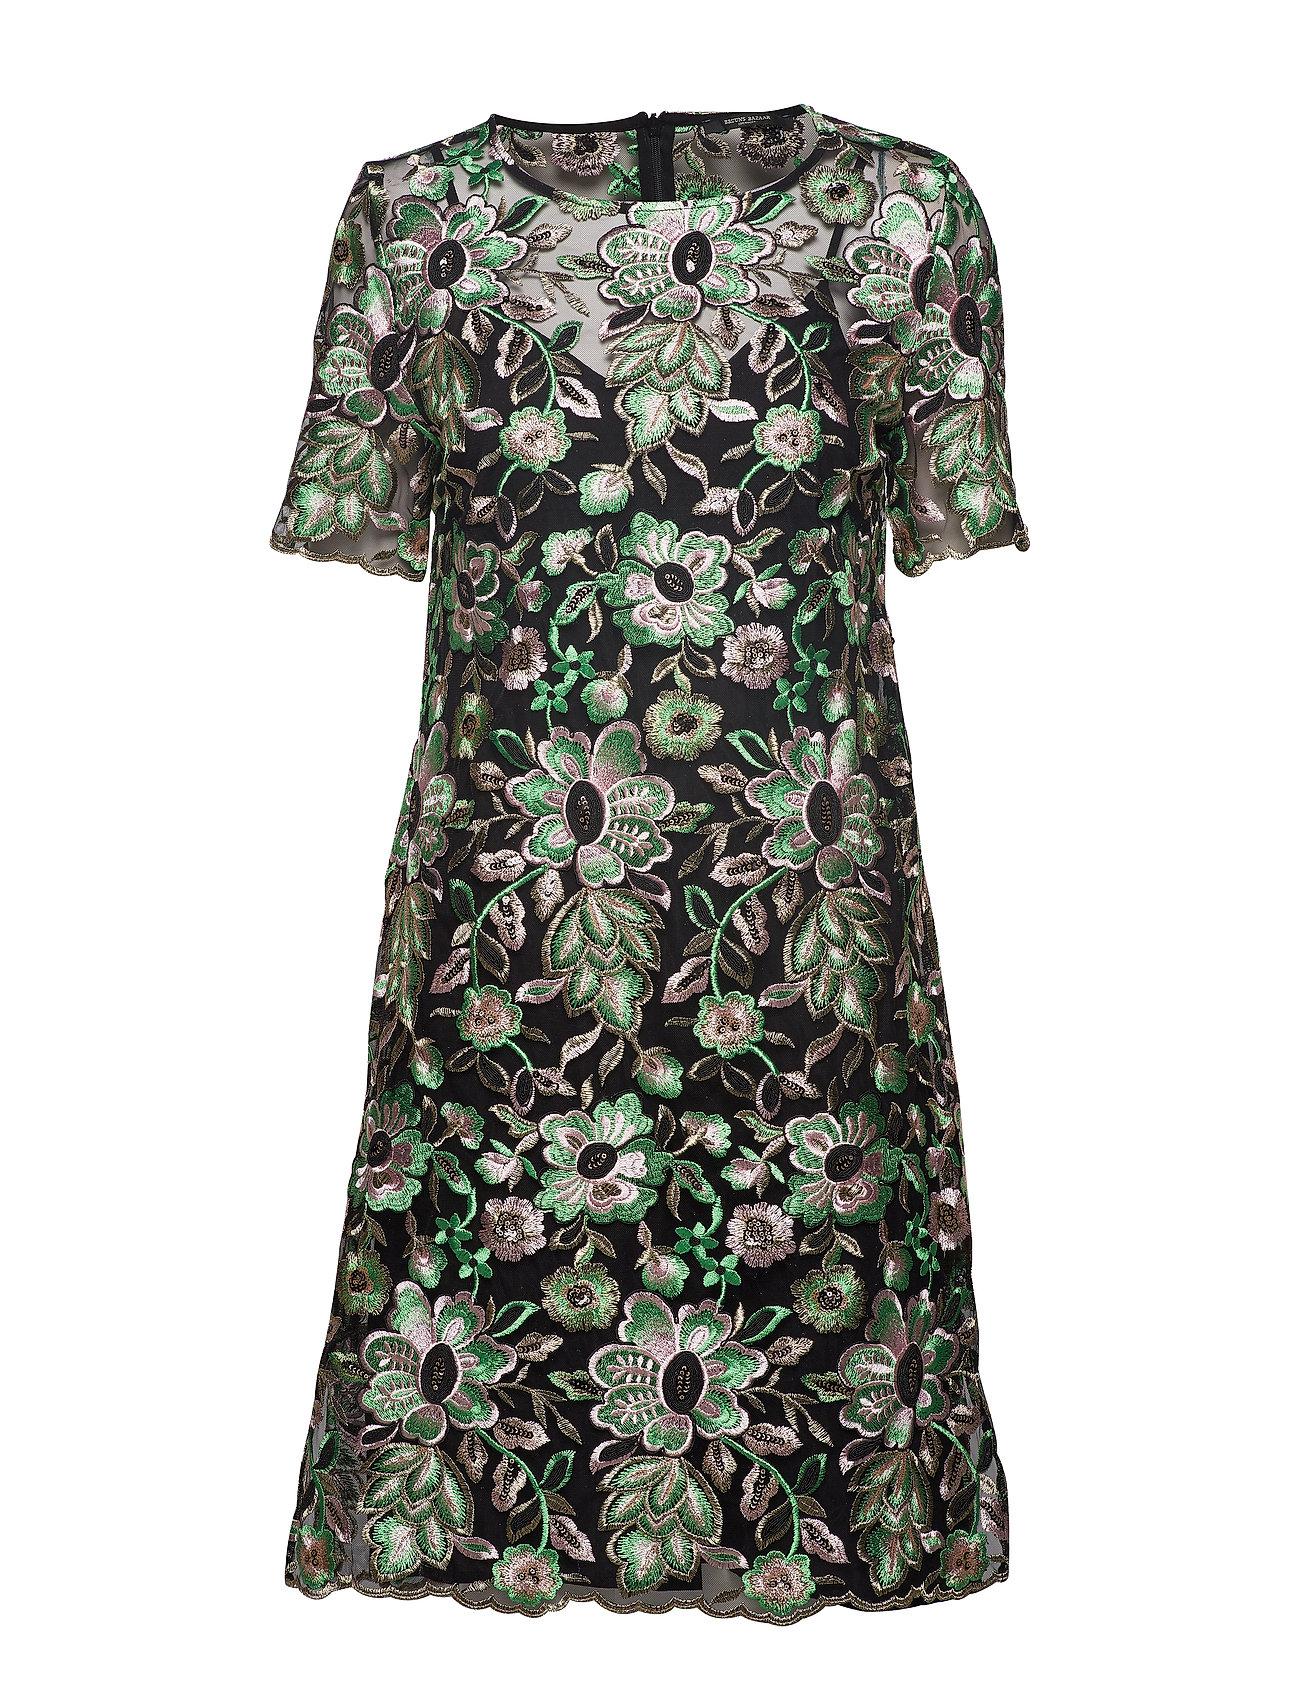 Bruuns Bazaar Tullah Celeste Dress - BLACK - EMBRODED MESH